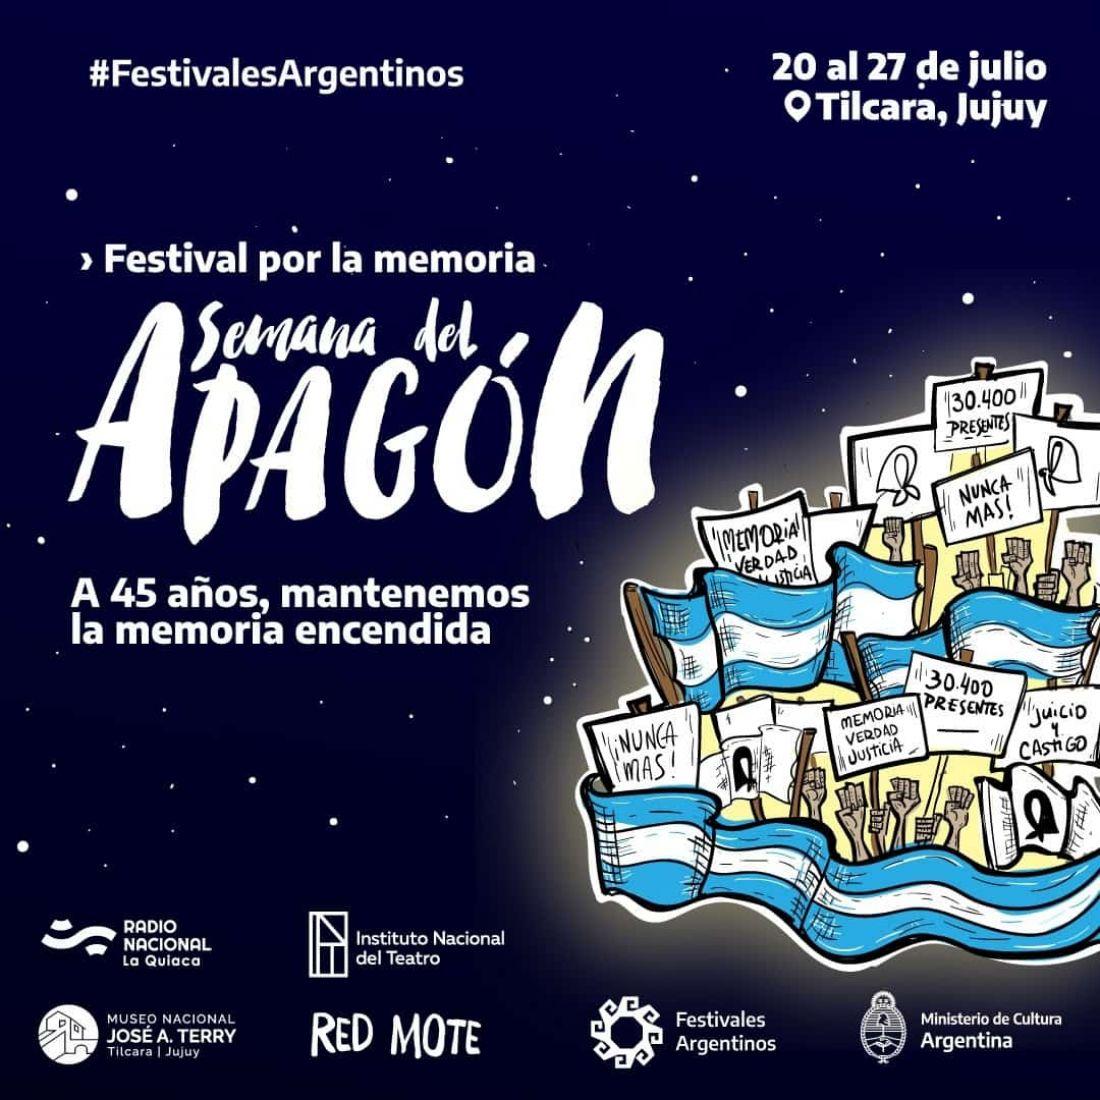 La memoria encendida: Festival por la Semana del Apagón en Tilcara